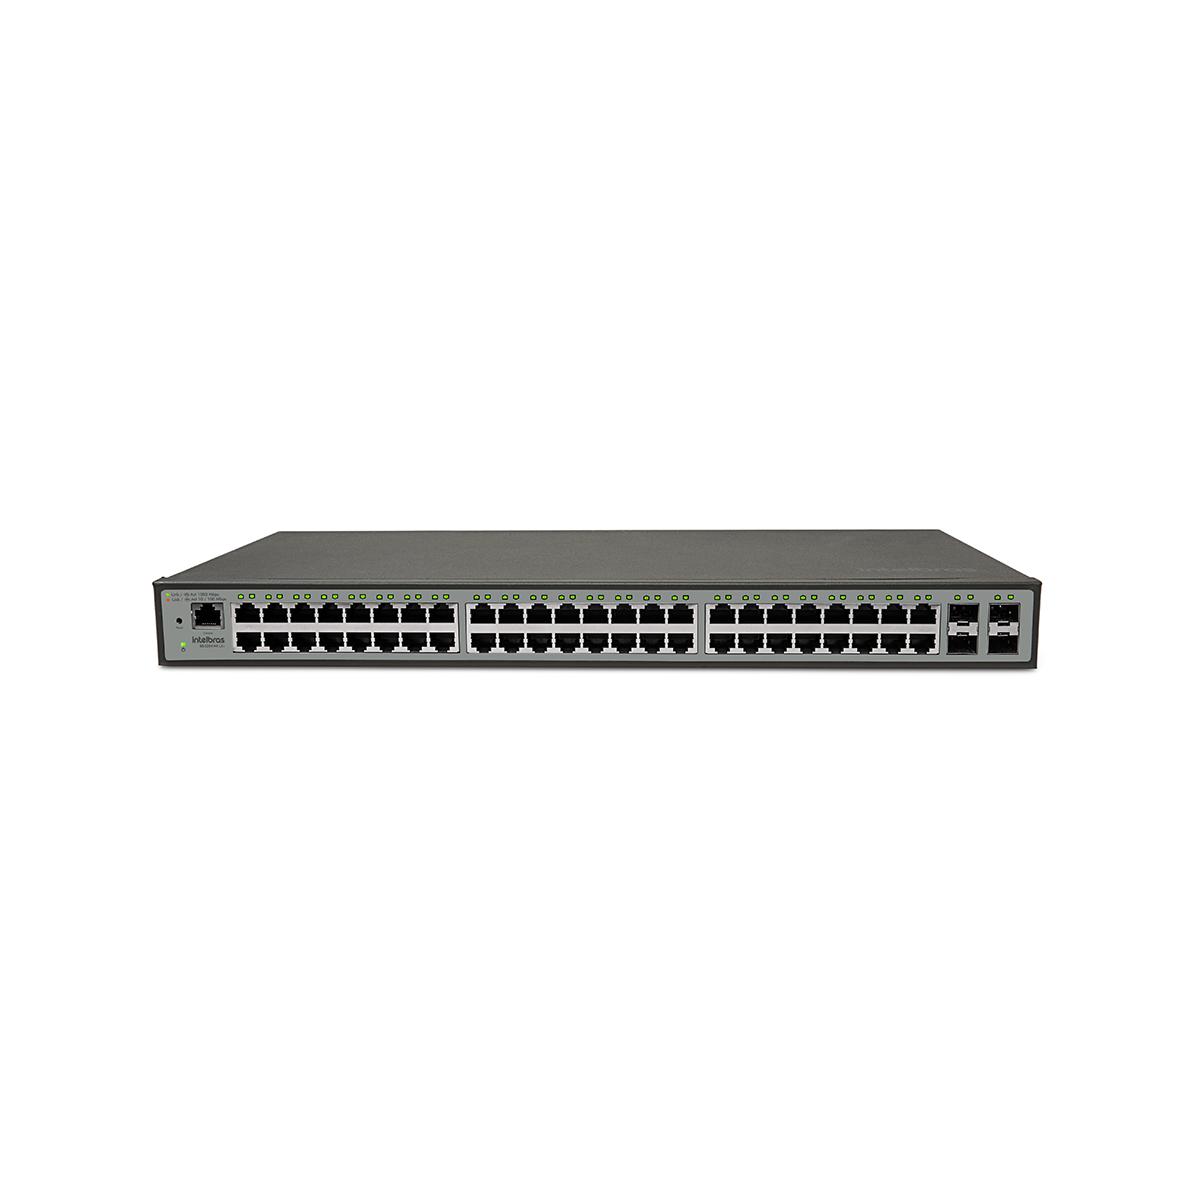 Switch Com 48 Portas Sg5204mrl2+ Intelbras